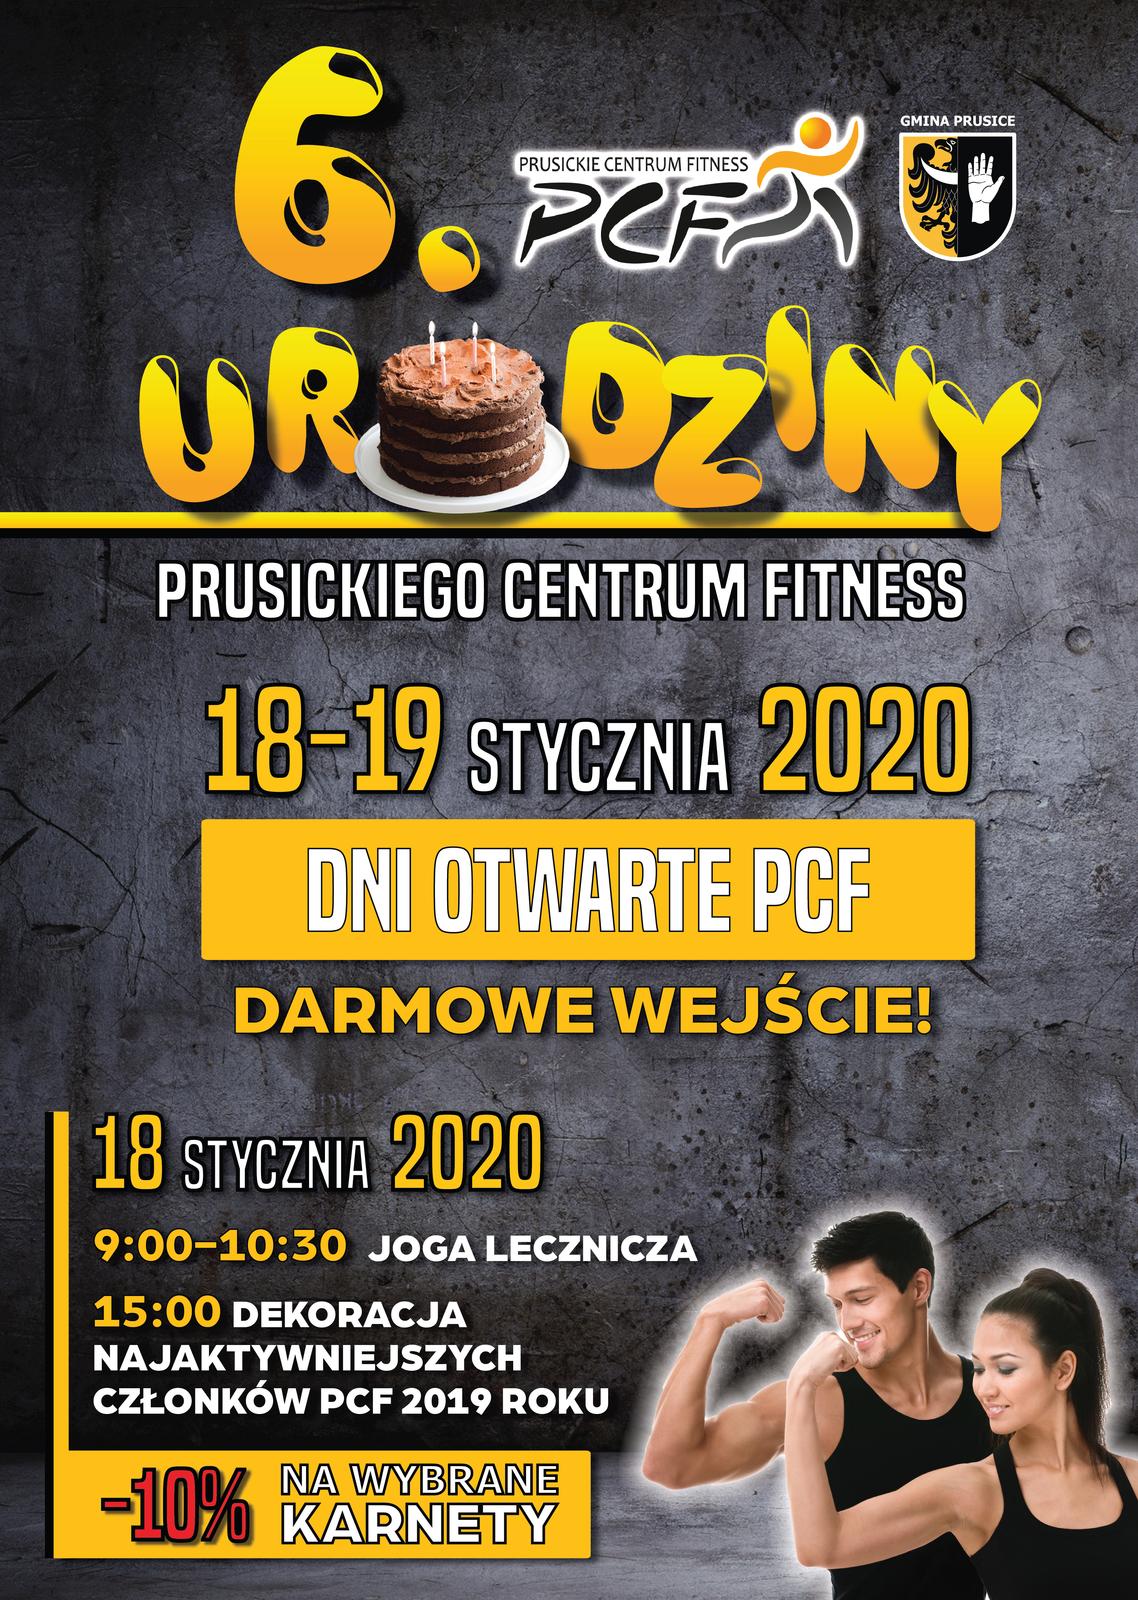 plakat_urodziny_PCF 2020 v1-01.jpeg